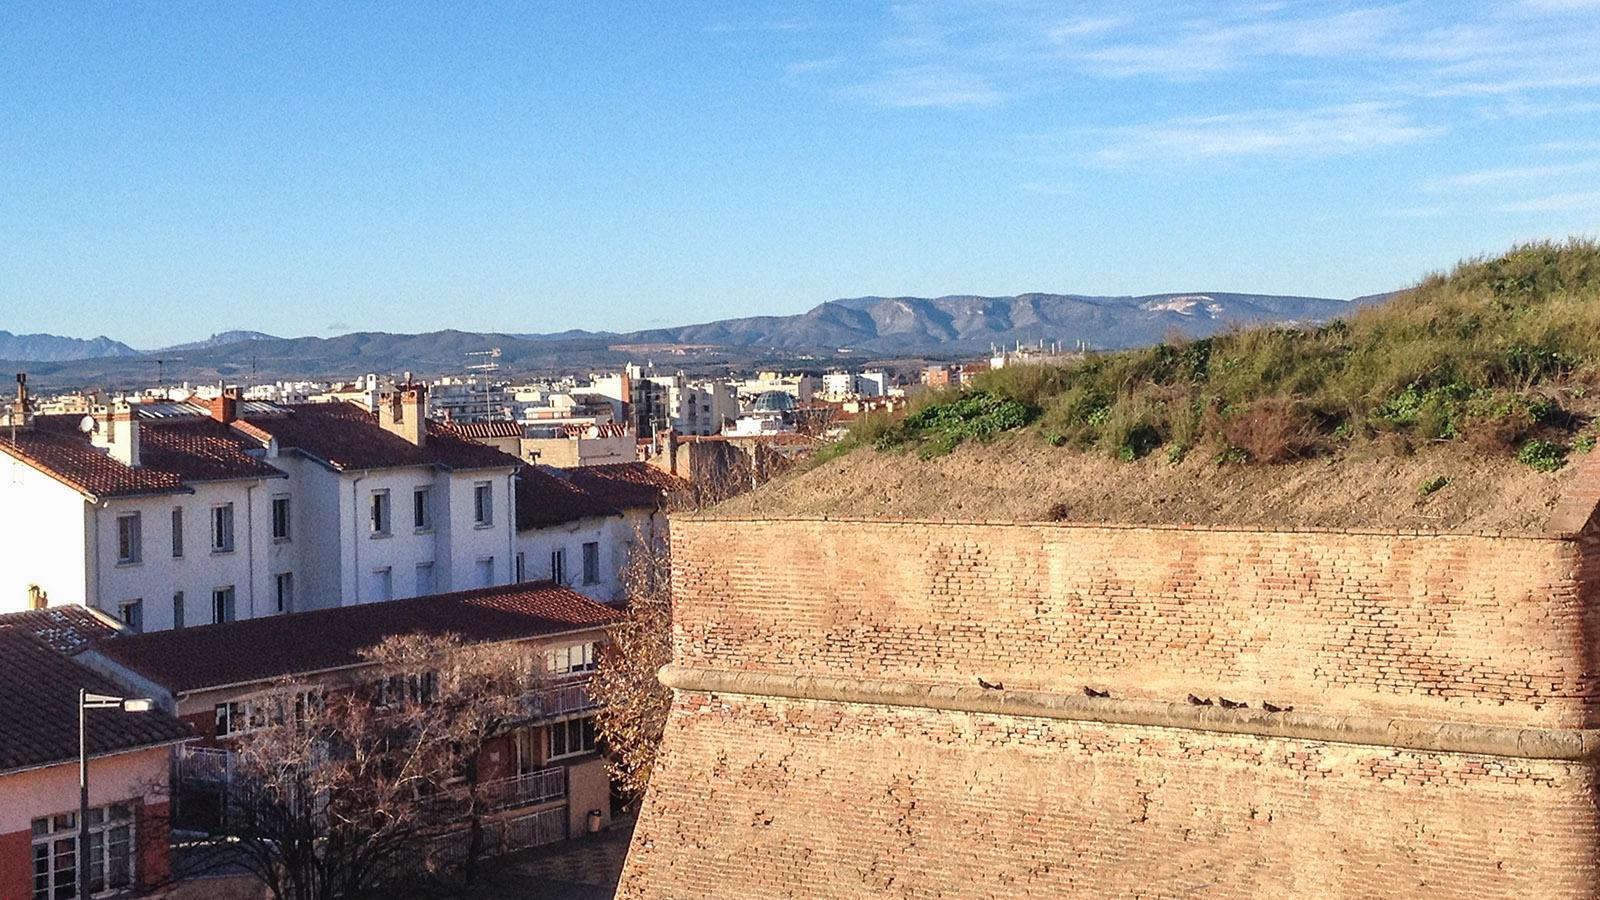 Blick vom Königspalast zum Tal des Agly. Foto: Hilke Maunder